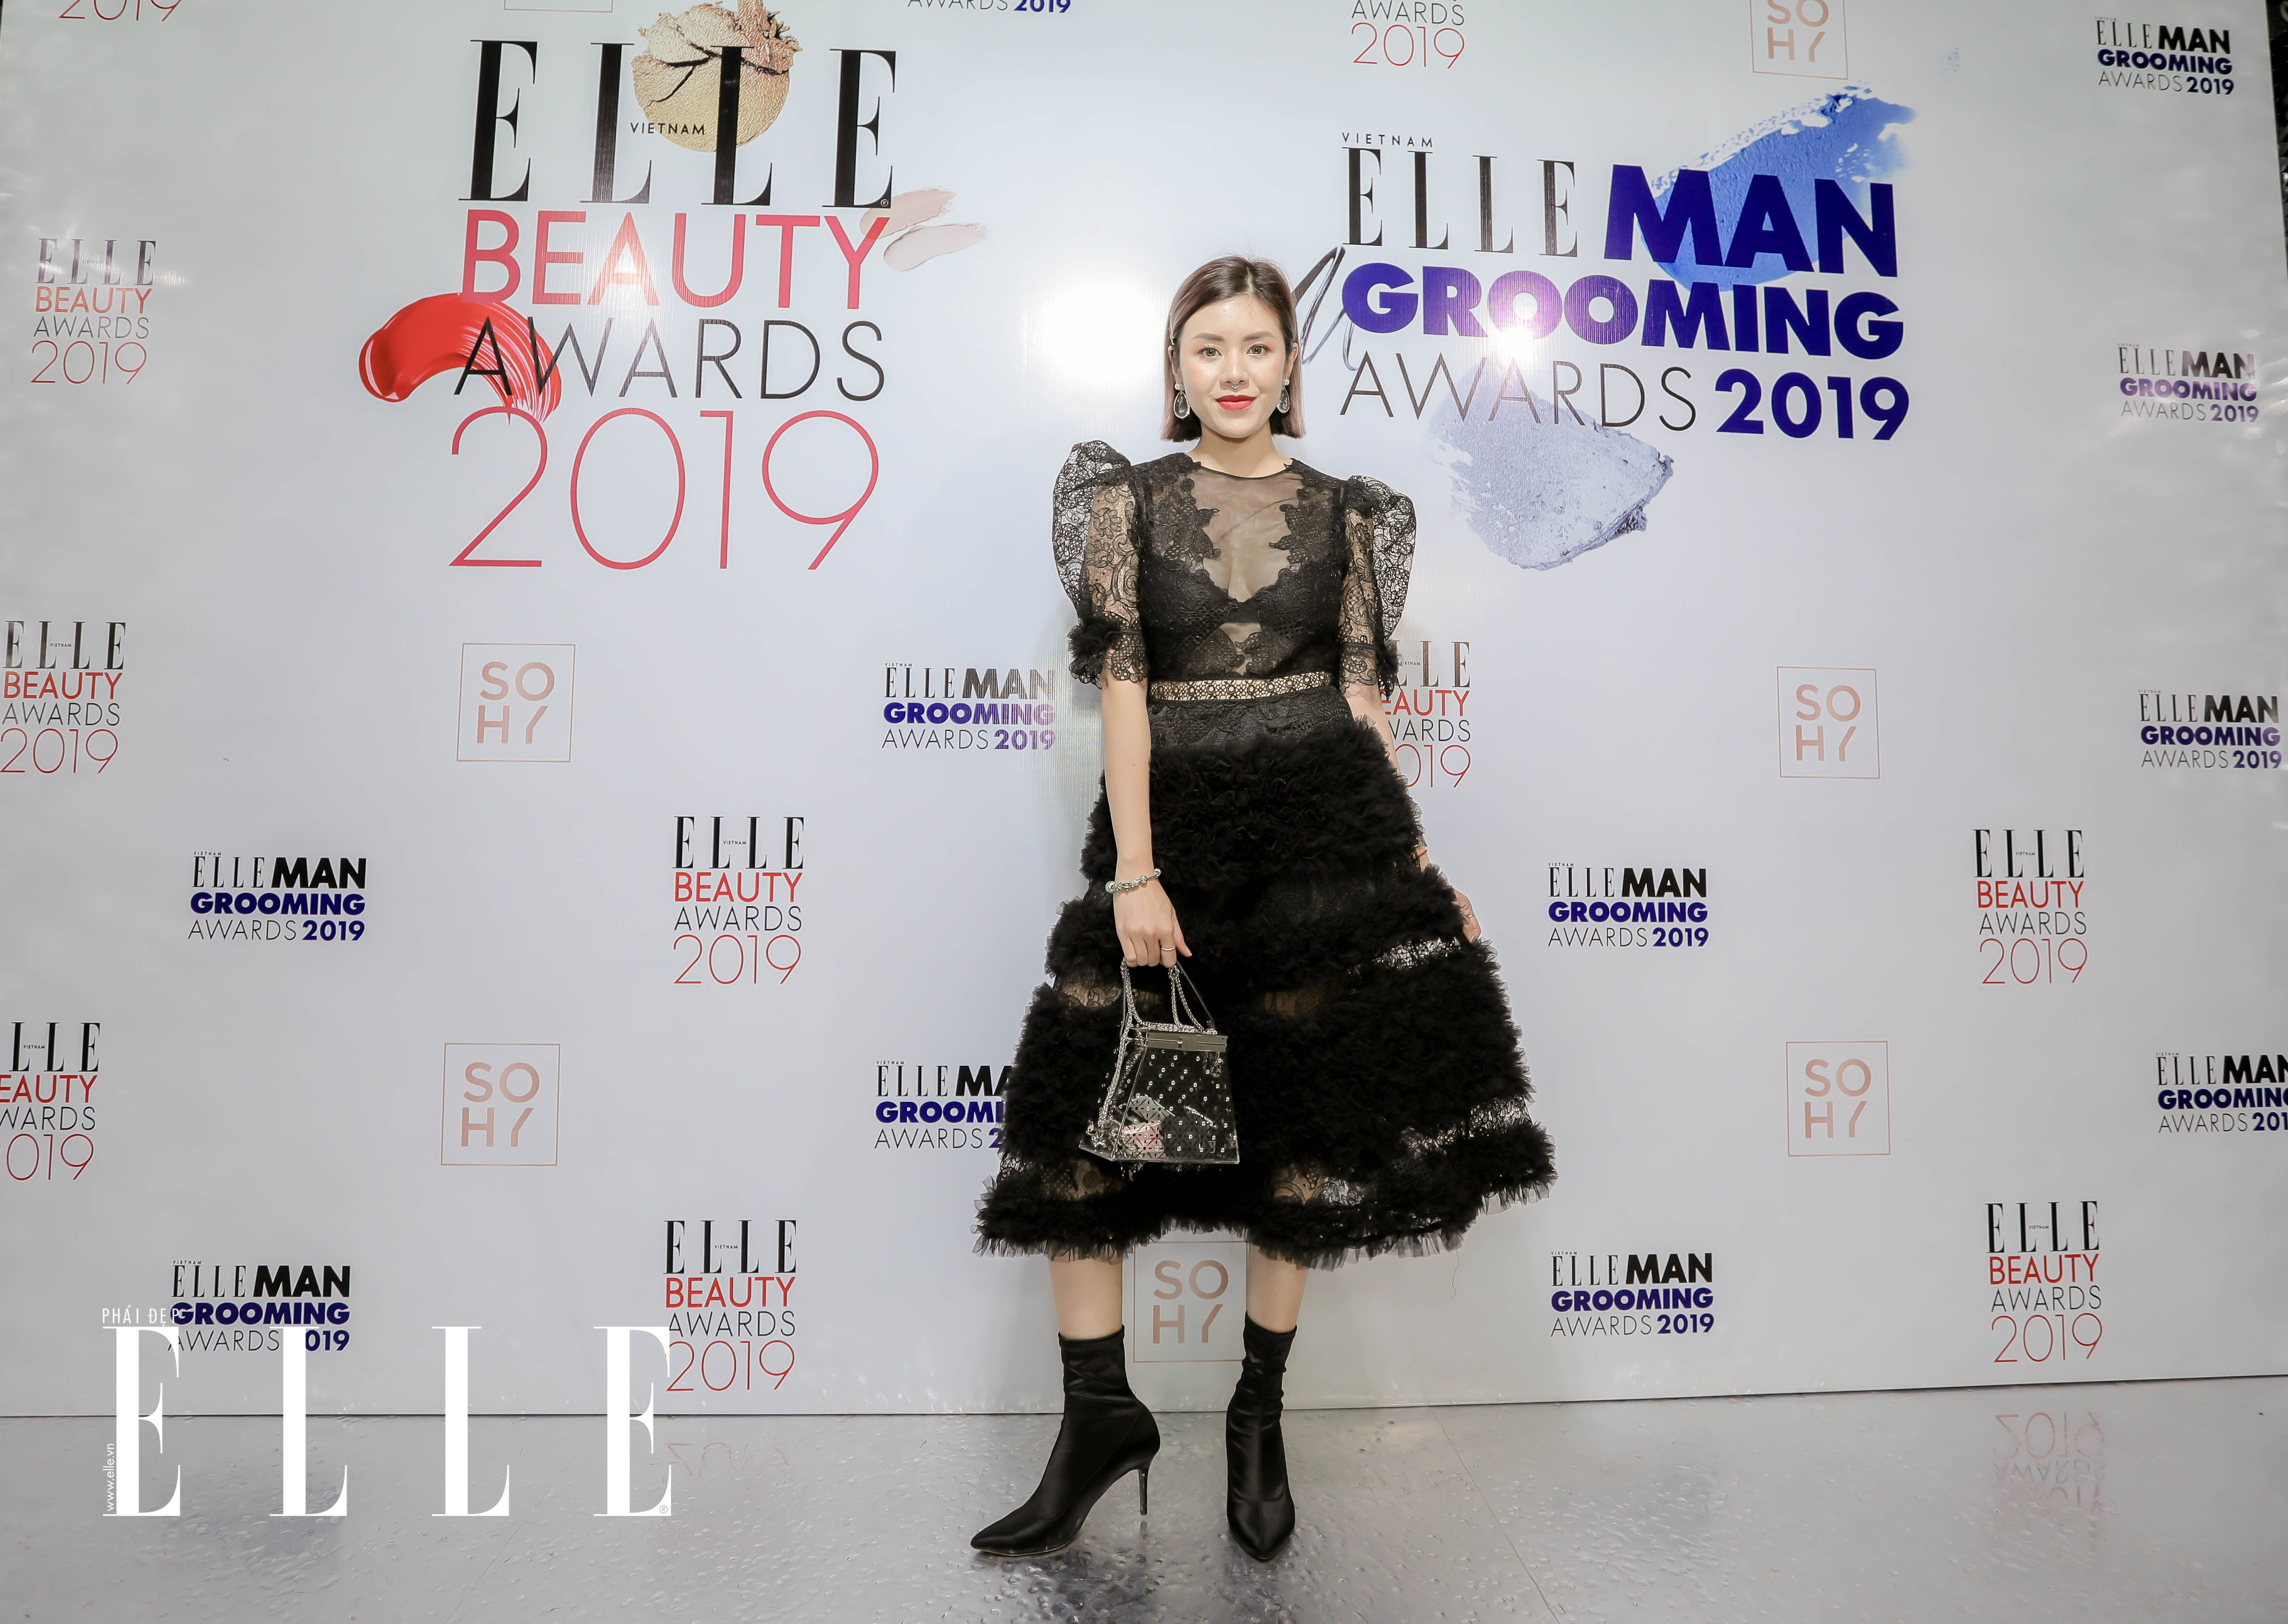 ELLE beauty awards 2019 6